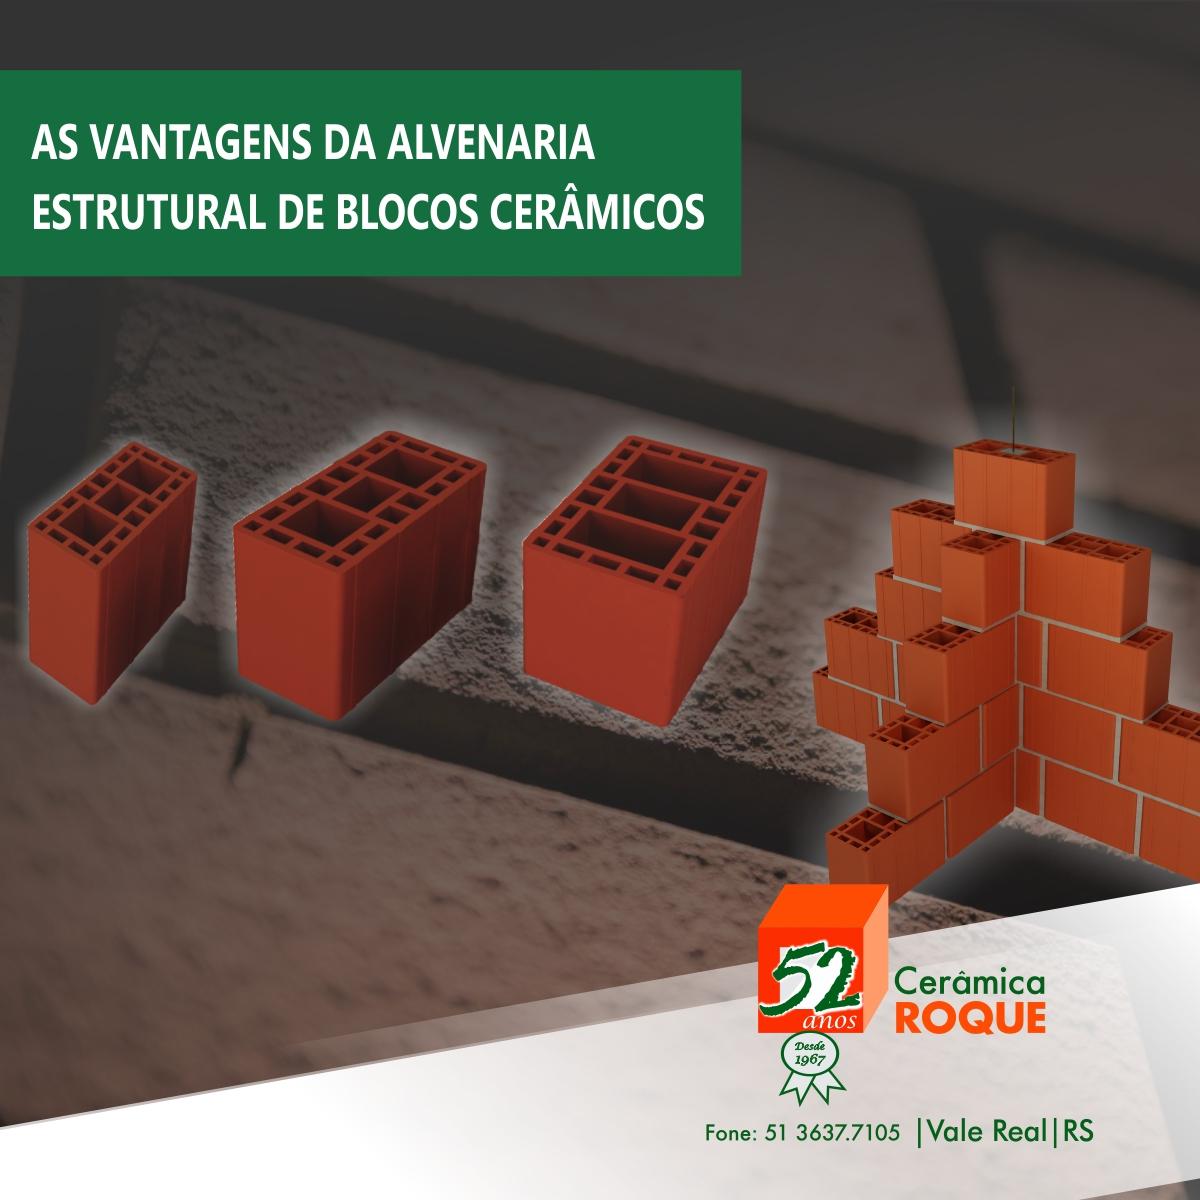 As vantagens da alvenaria estrutural de blocos cerâmicos